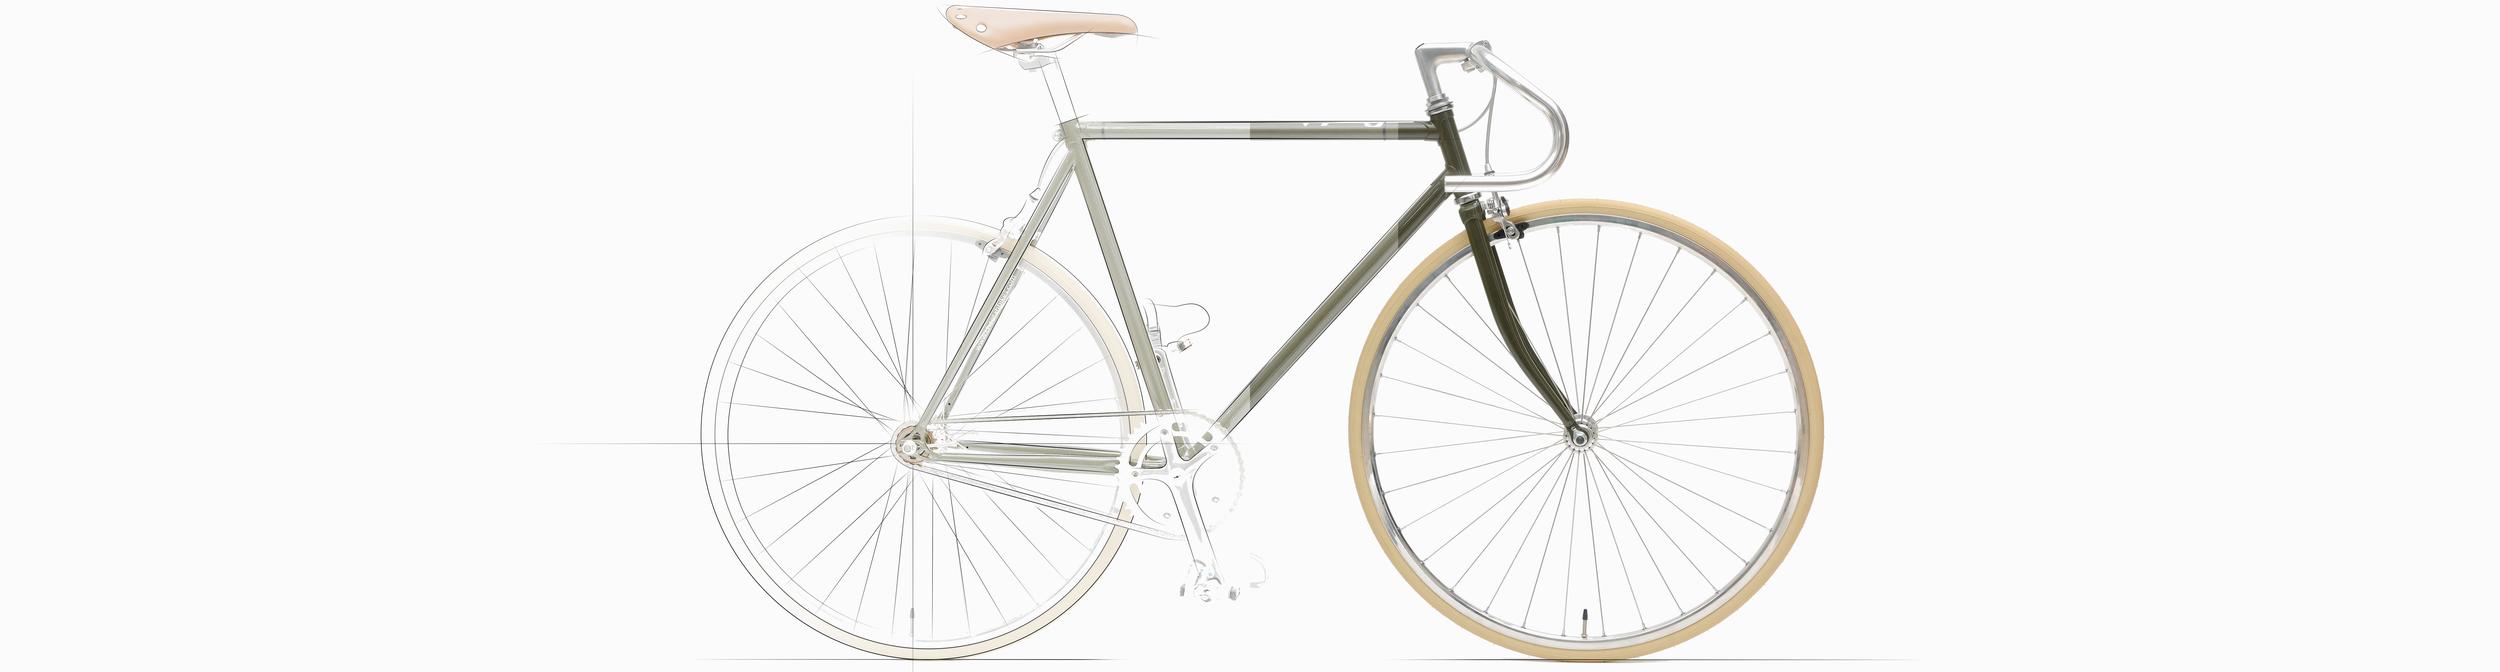 bike_stefano_spinella.jpg